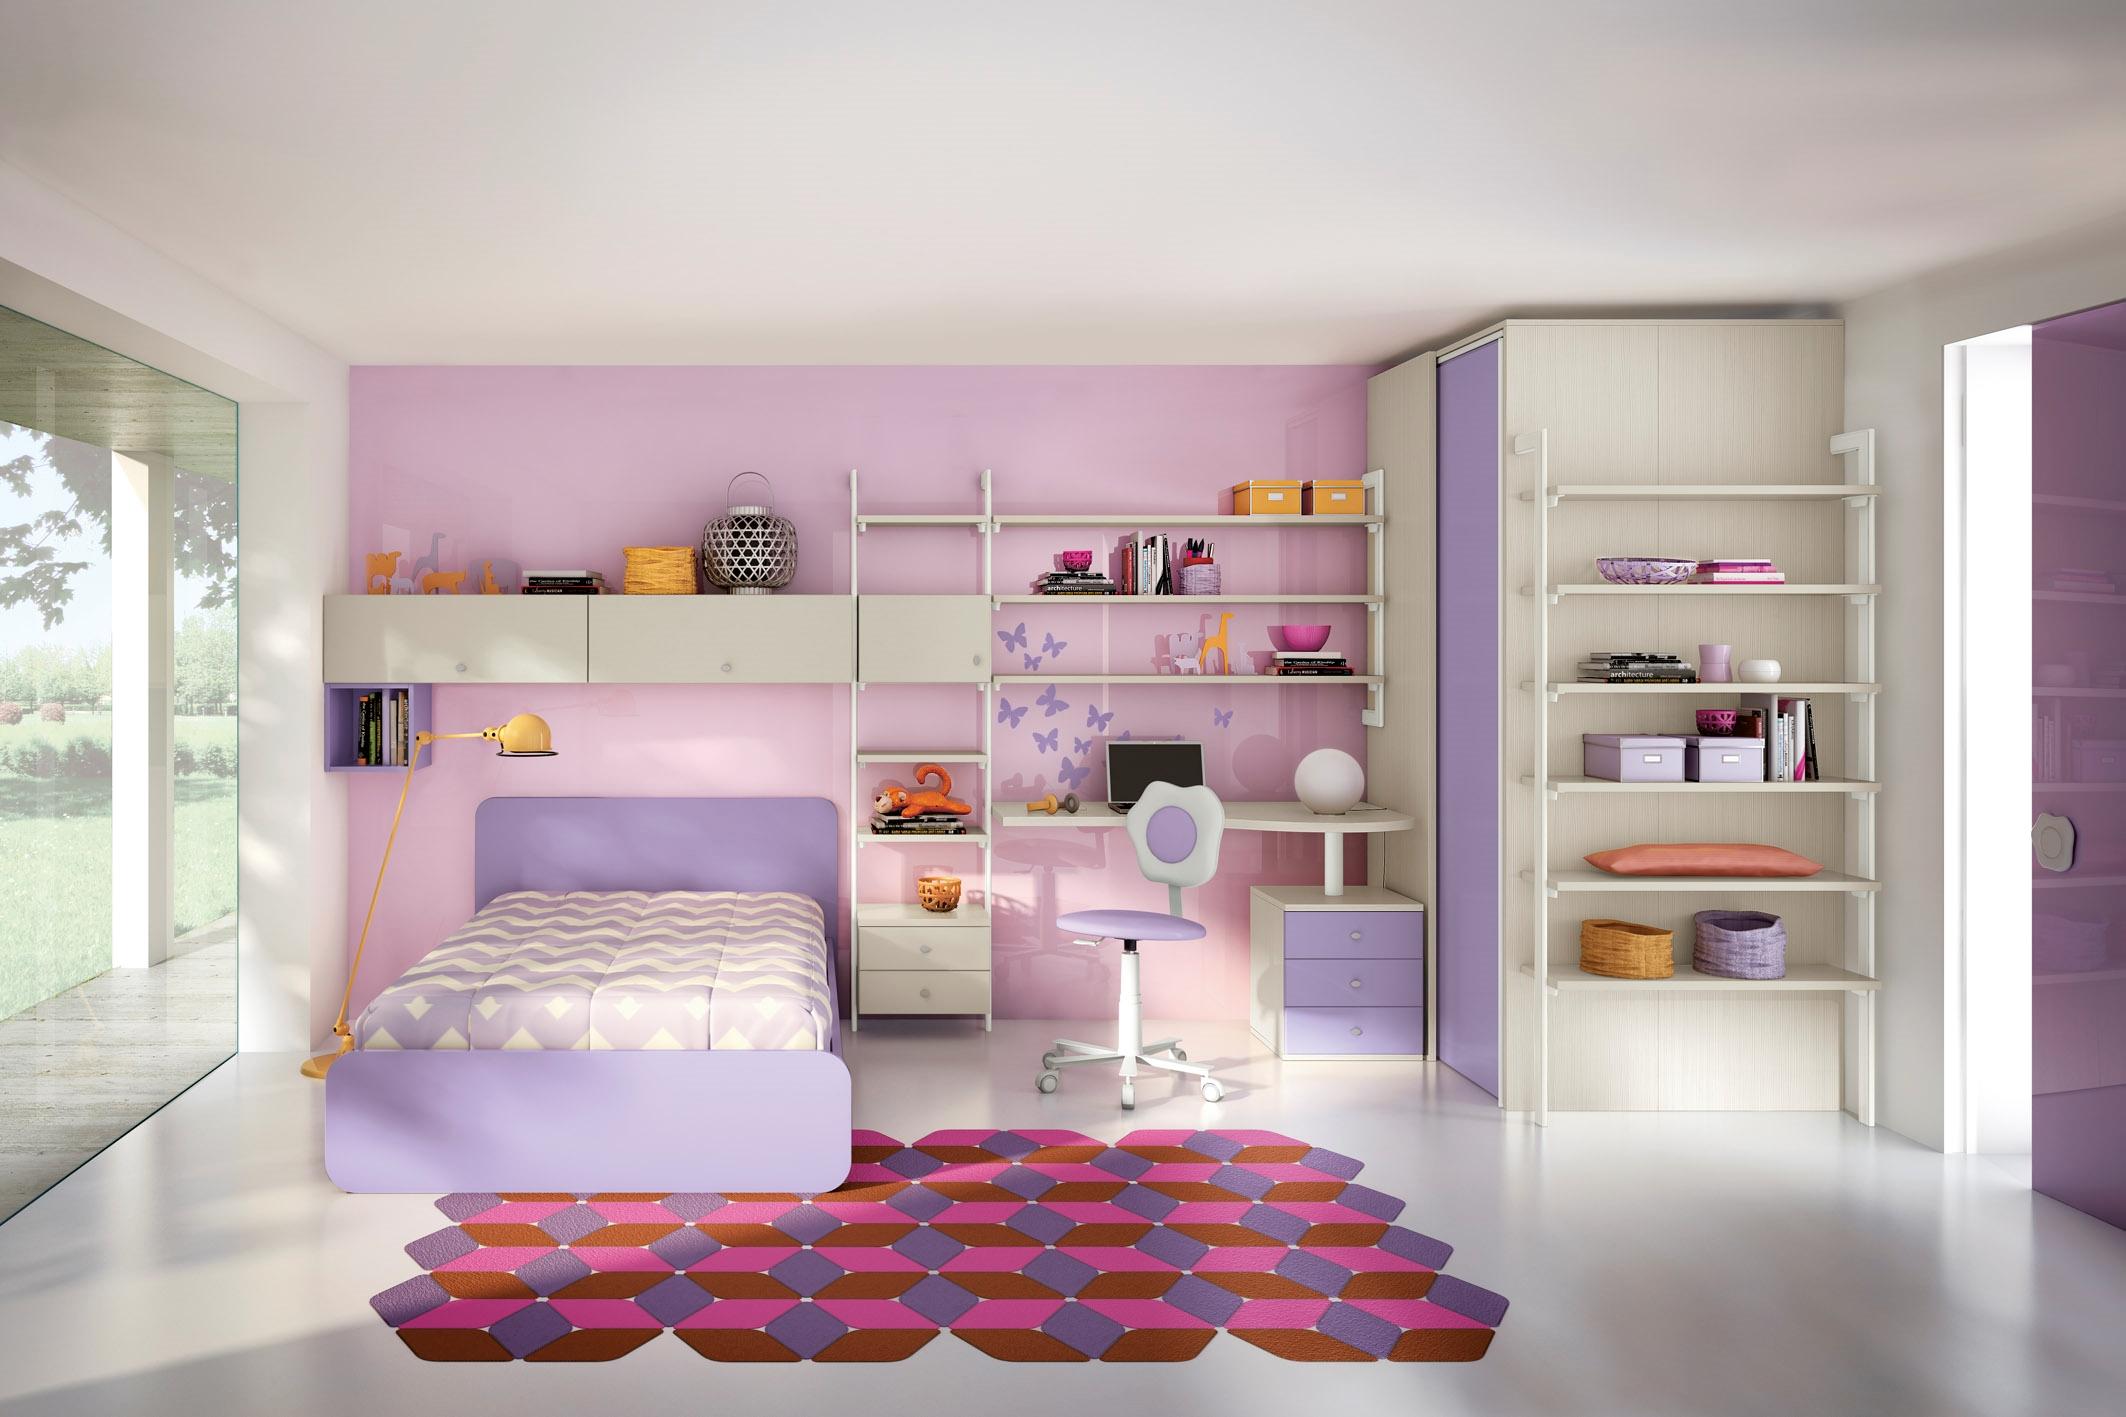 San martino cameretta bambini colorata un letto cabina for Prezzi della cabina di tronchi di 3 camere da letto